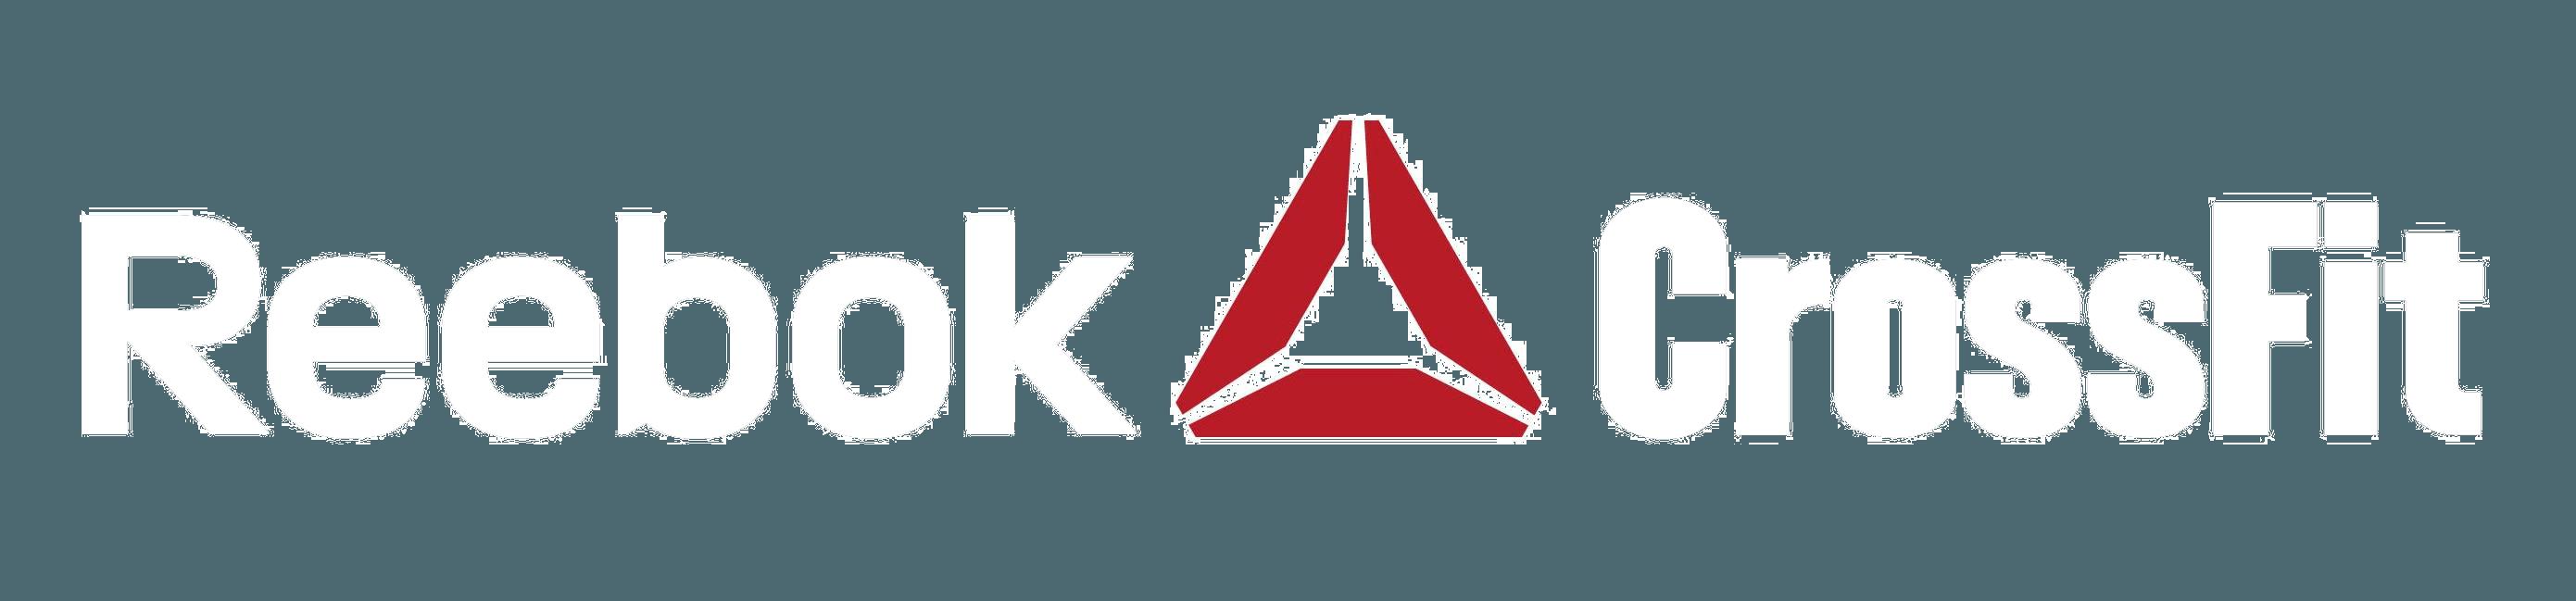 Reebok CrossFit Logo.